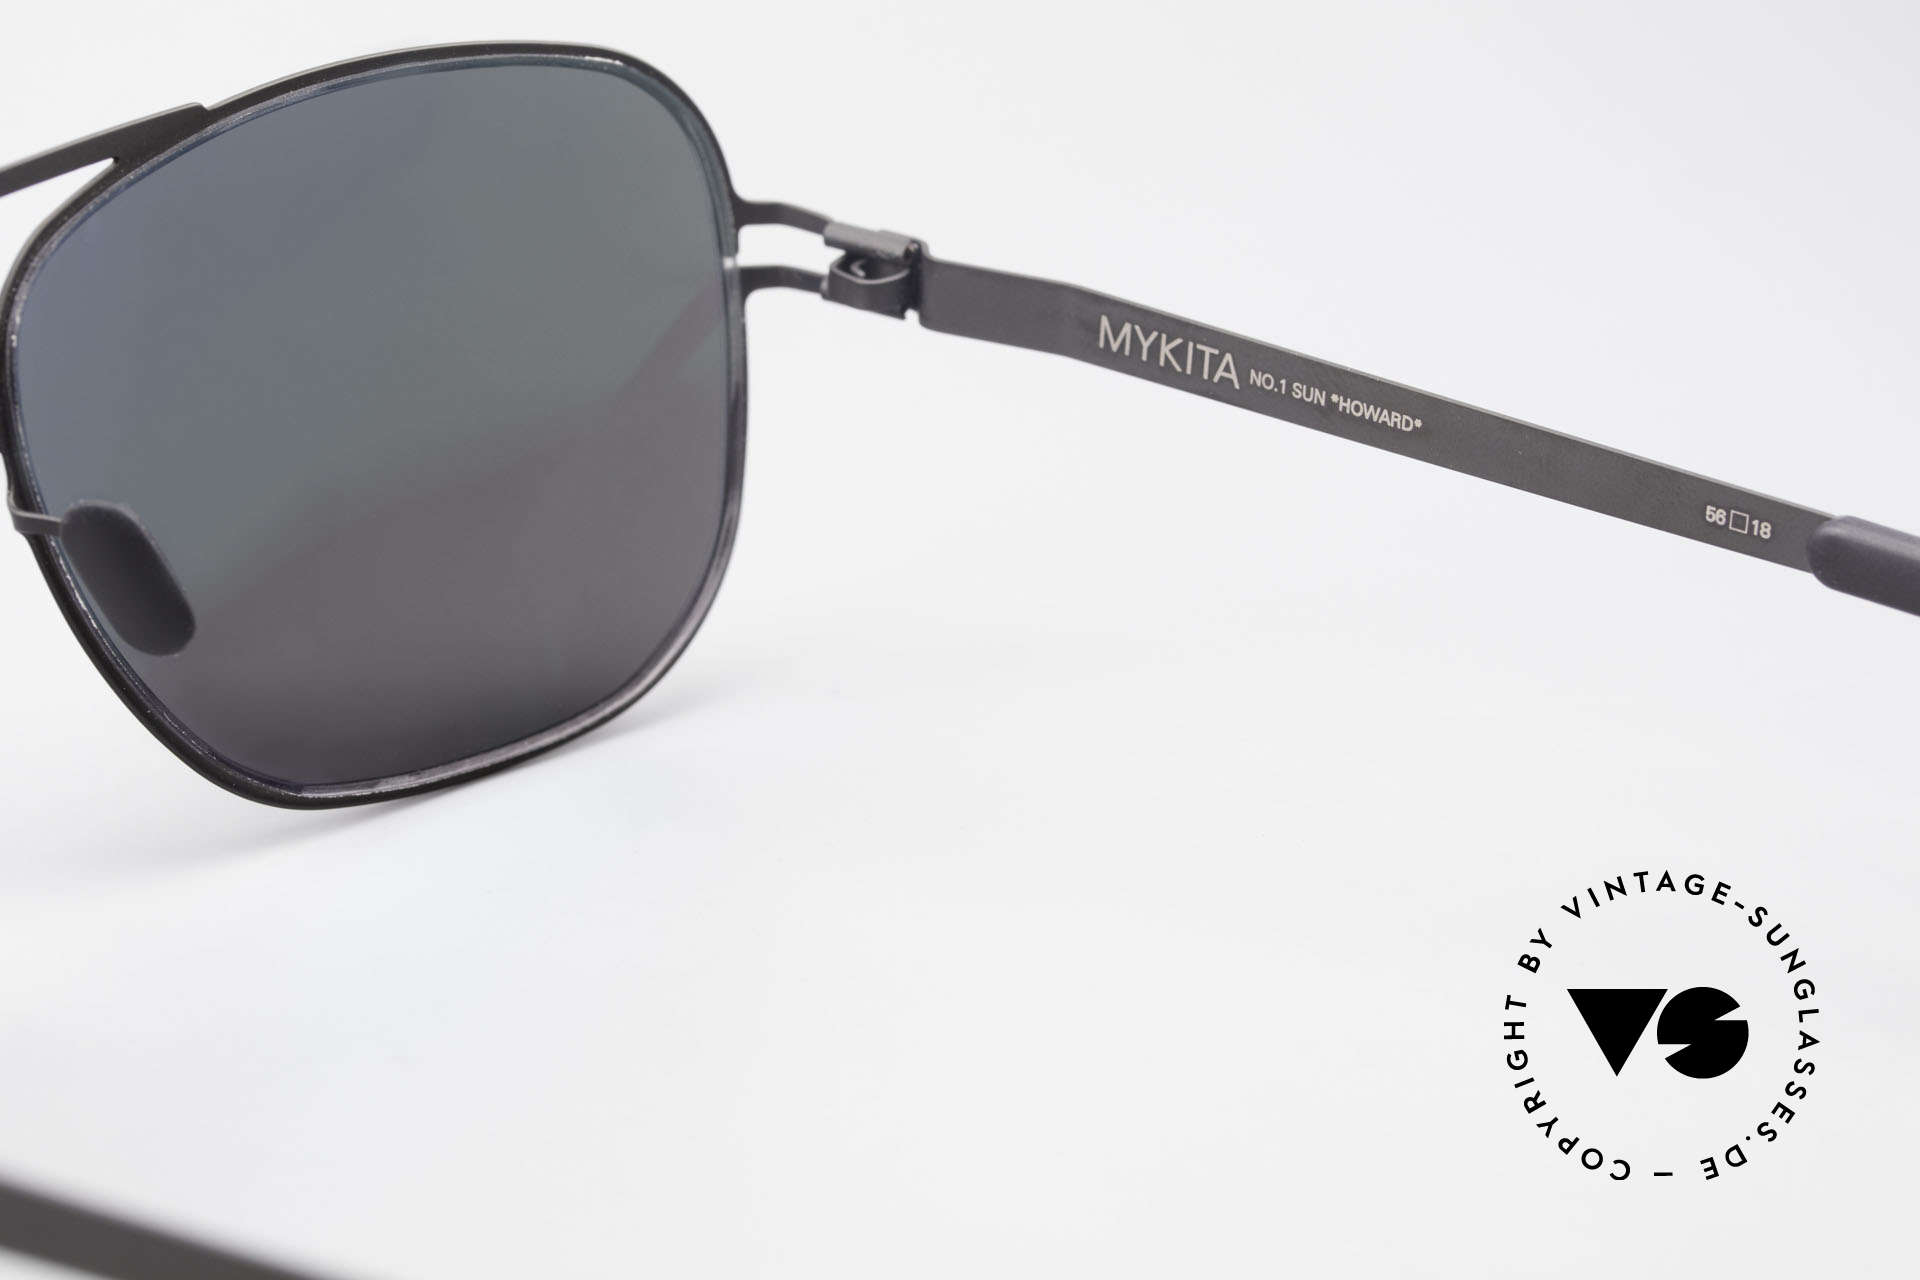 Mykita Howard Polarisierende Sonnenbrille, daher jetzt bei uns (natürlich ungetragen und mit Etui), Passend für Herren und Damen